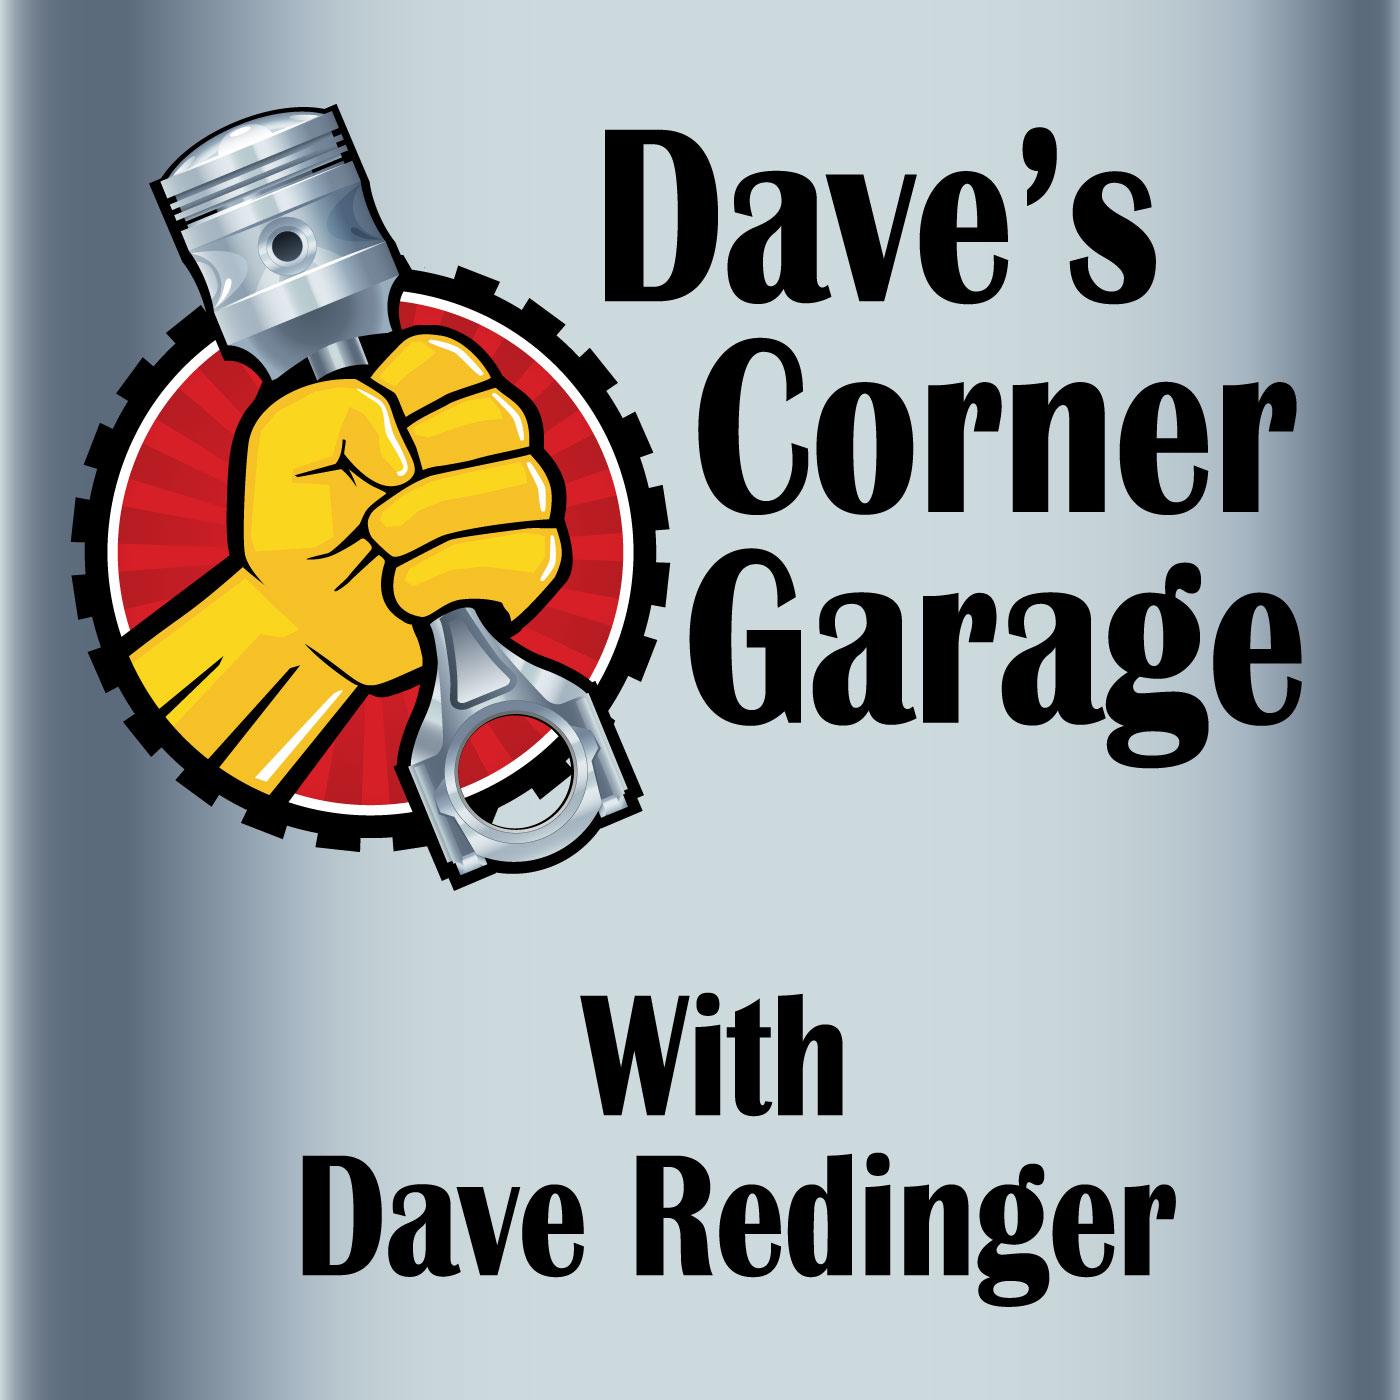 Dave'sCornerGarage